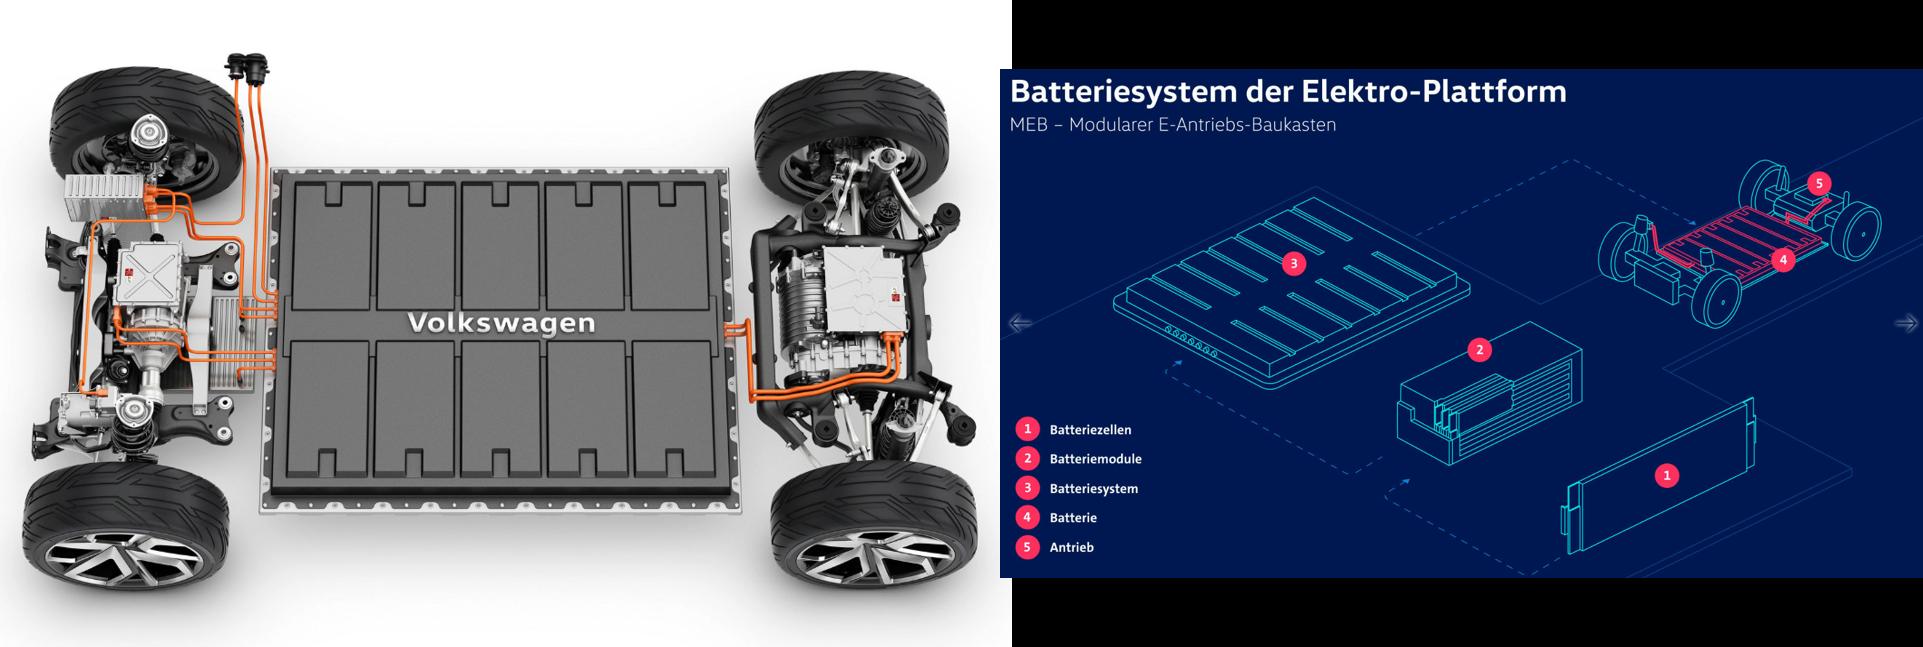 Modularisierung-VW-Batteriebaukasten